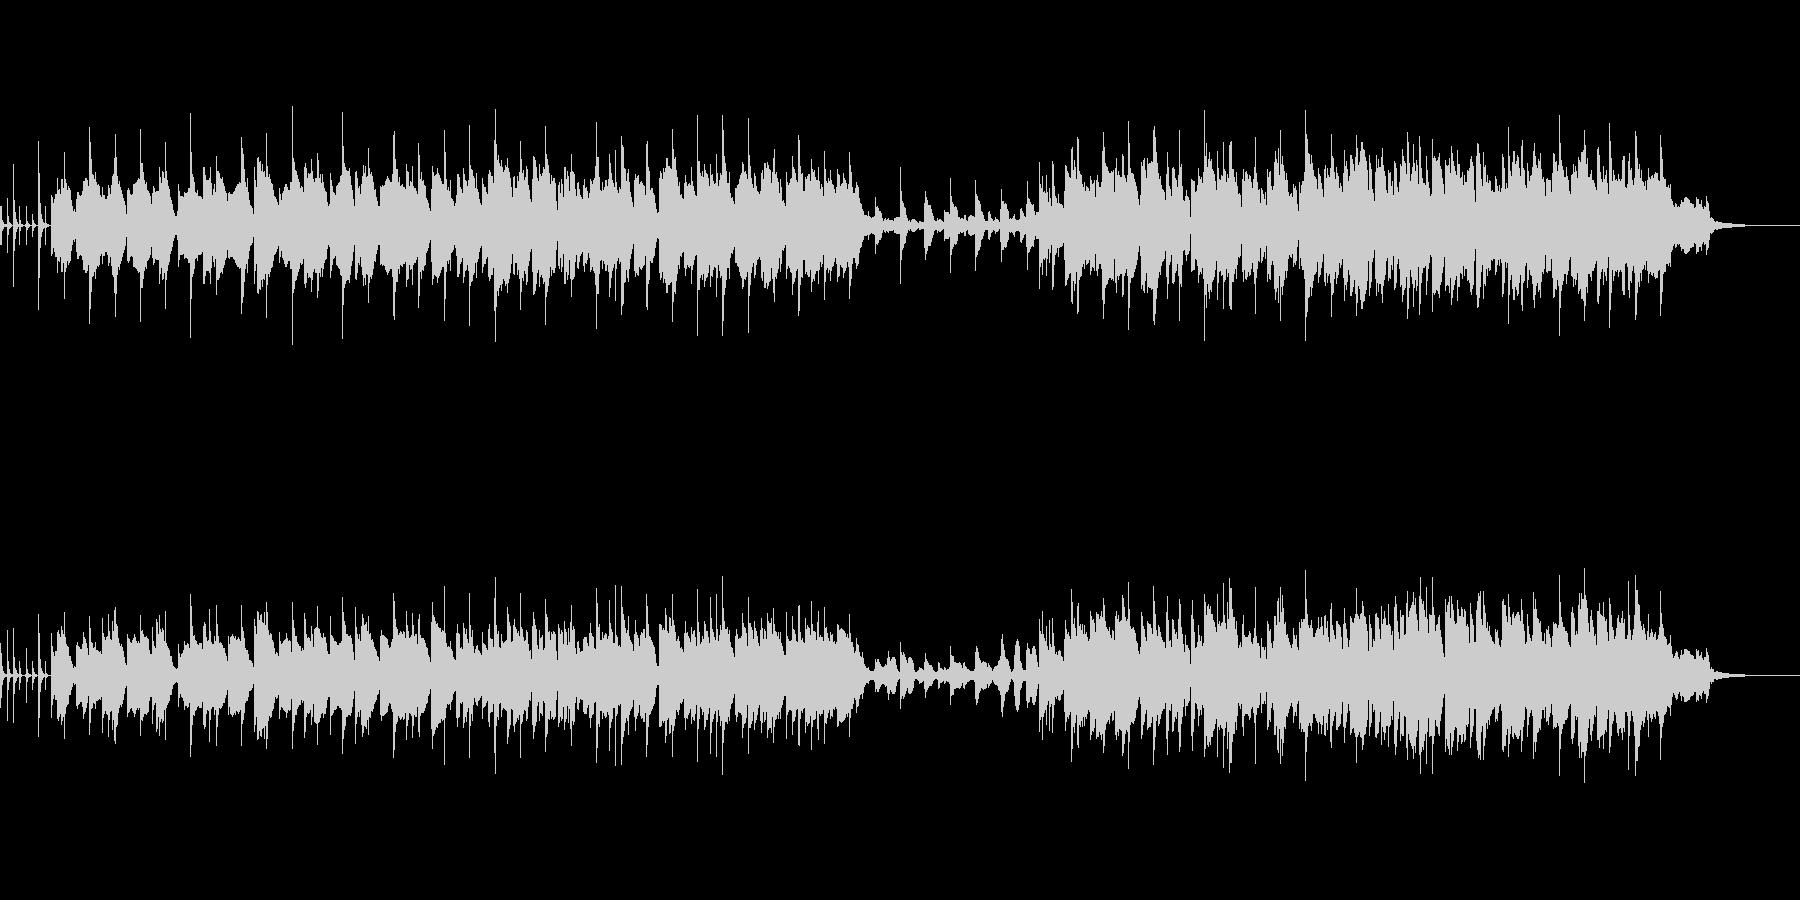 元気な生ウクレレと明るいシンセメロの曲の未再生の波形